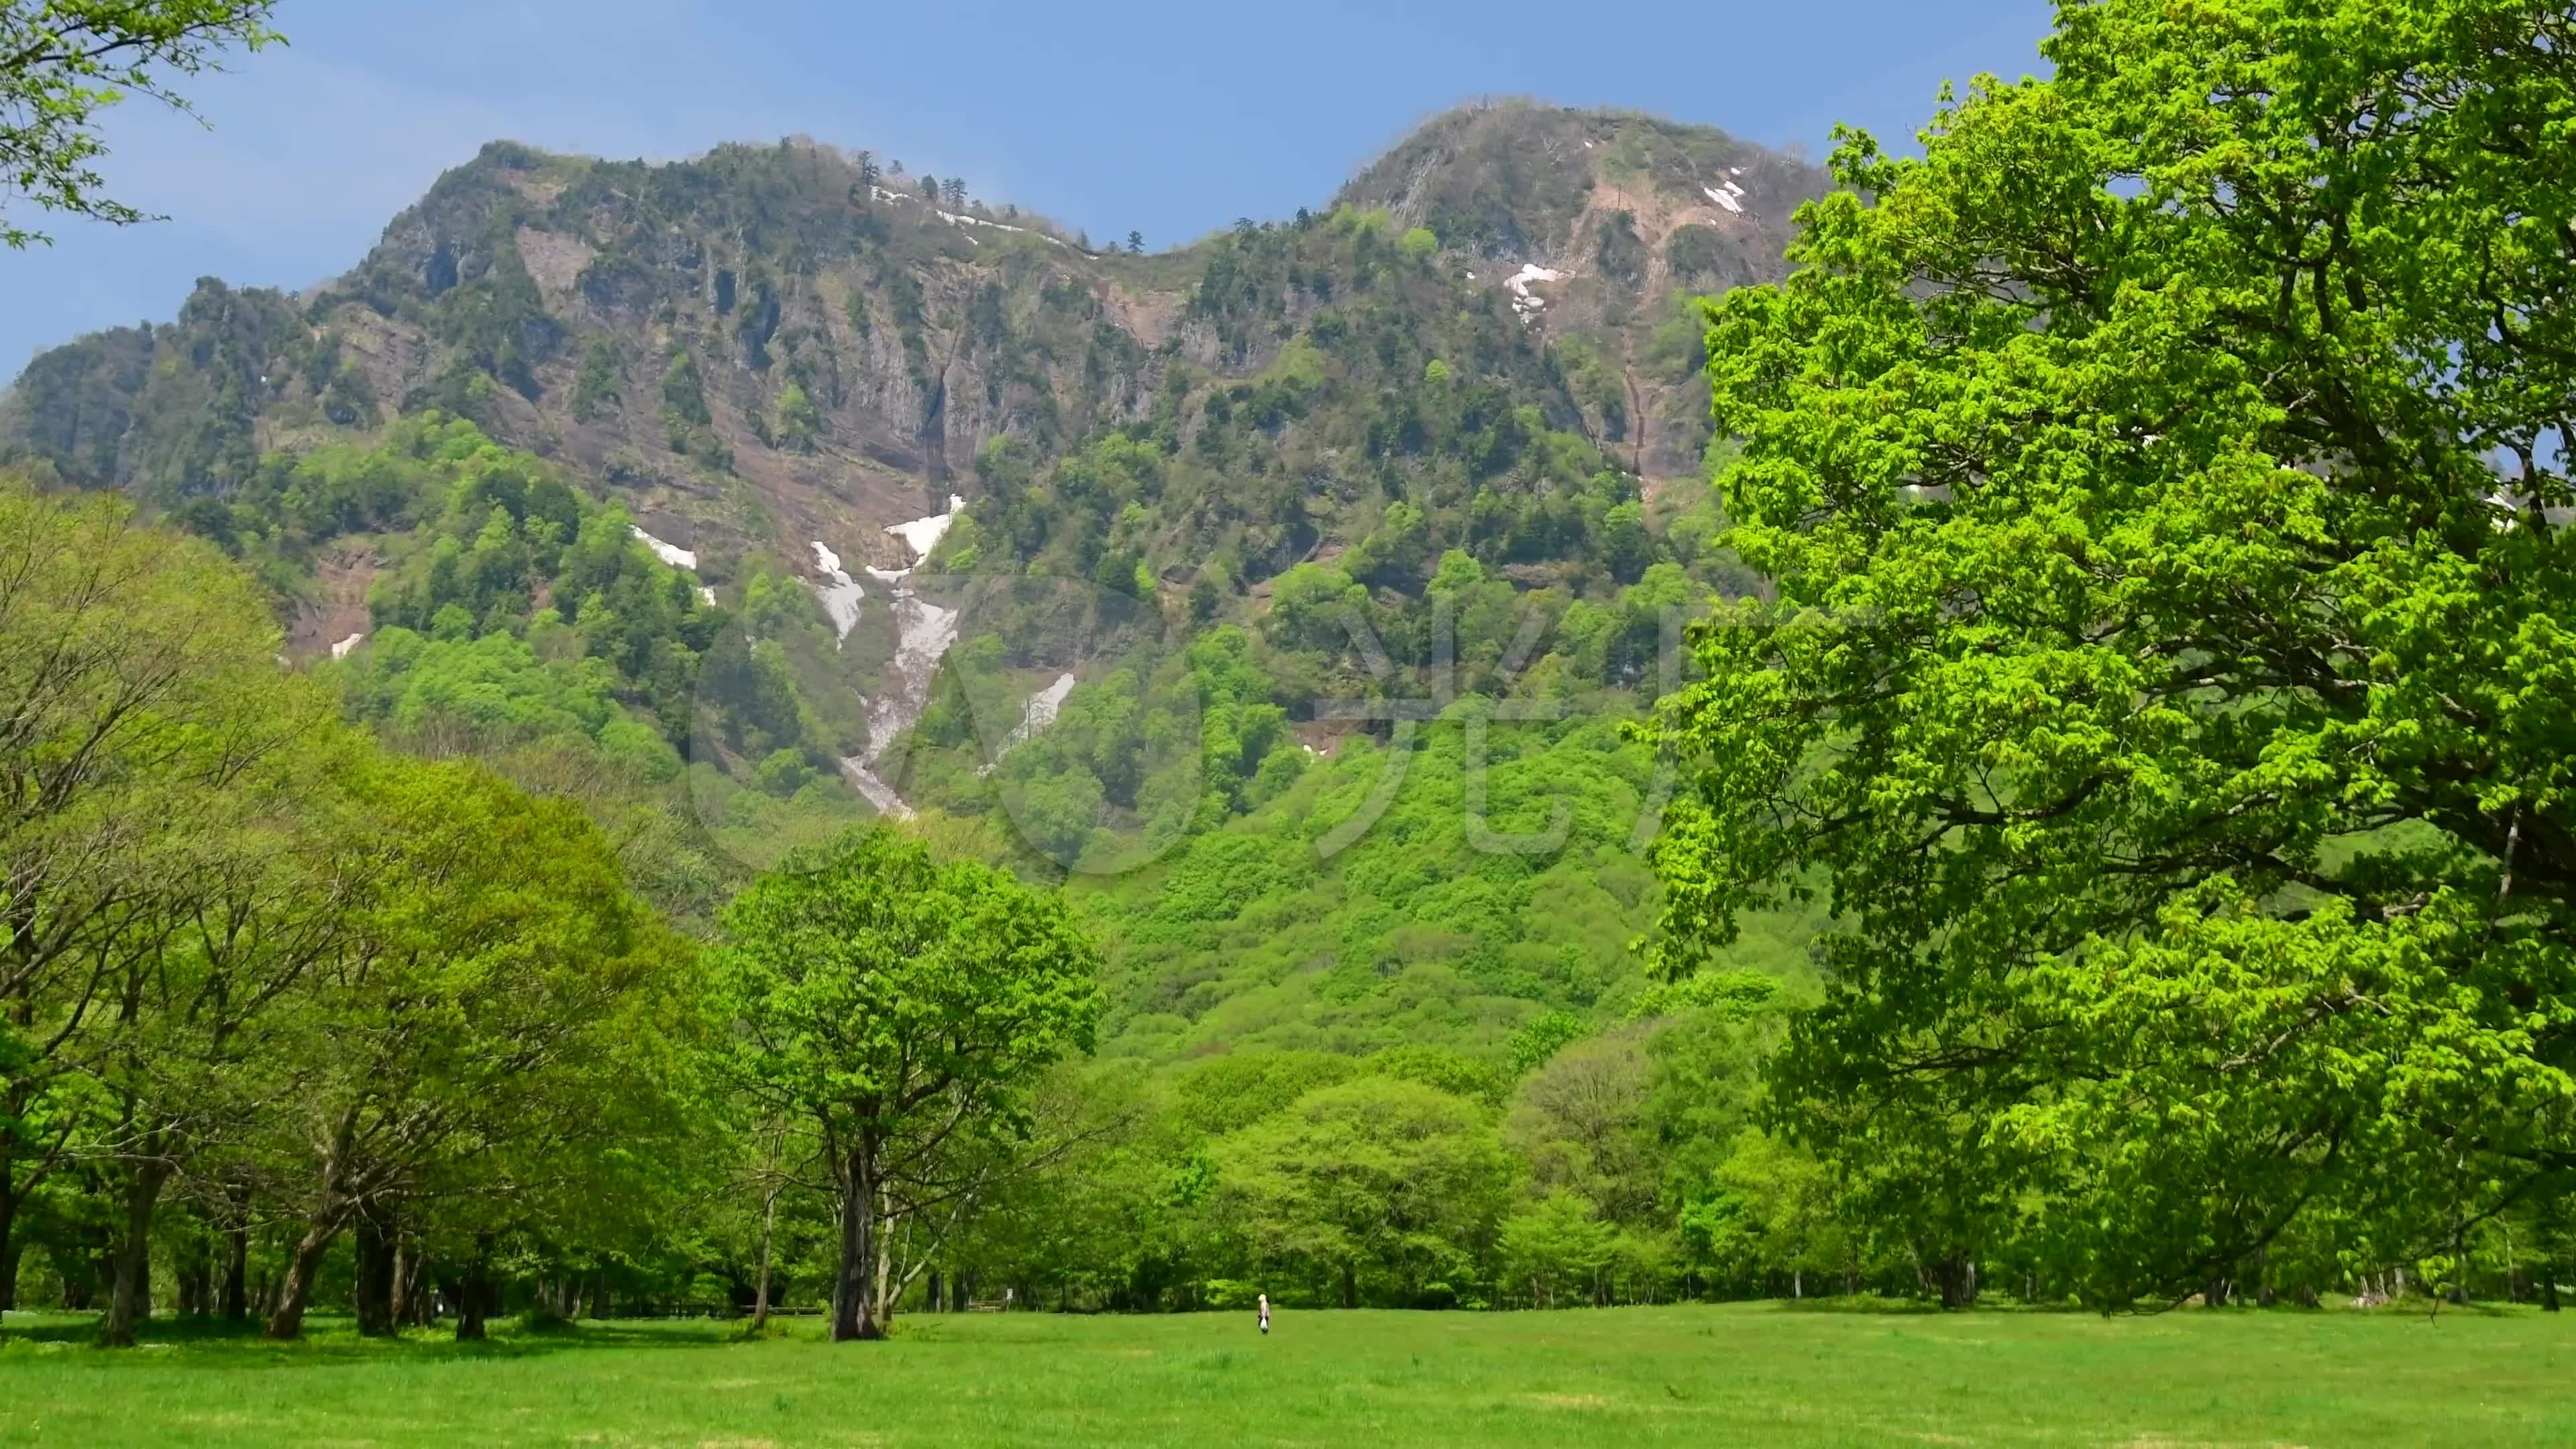 4k超清超美丽的绿色世界大自然美景_3840x2